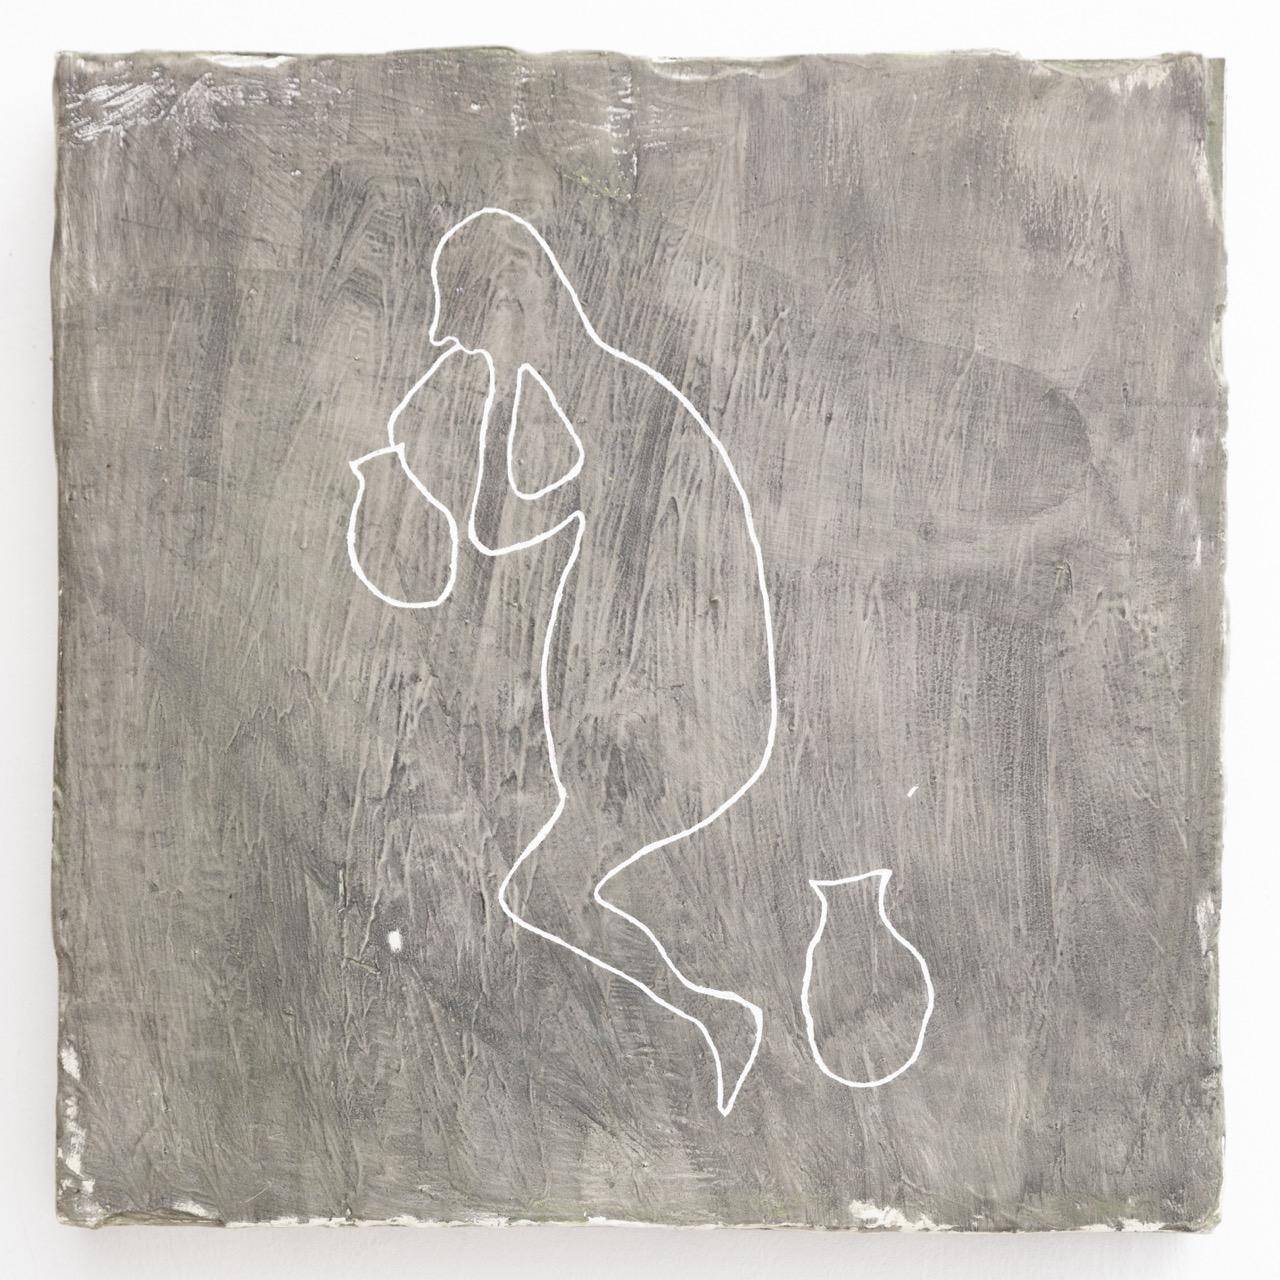 NINO STELZL, OT (Zyklus), Lebespachtel uaf Holz, 40 x 40 cm, 2018